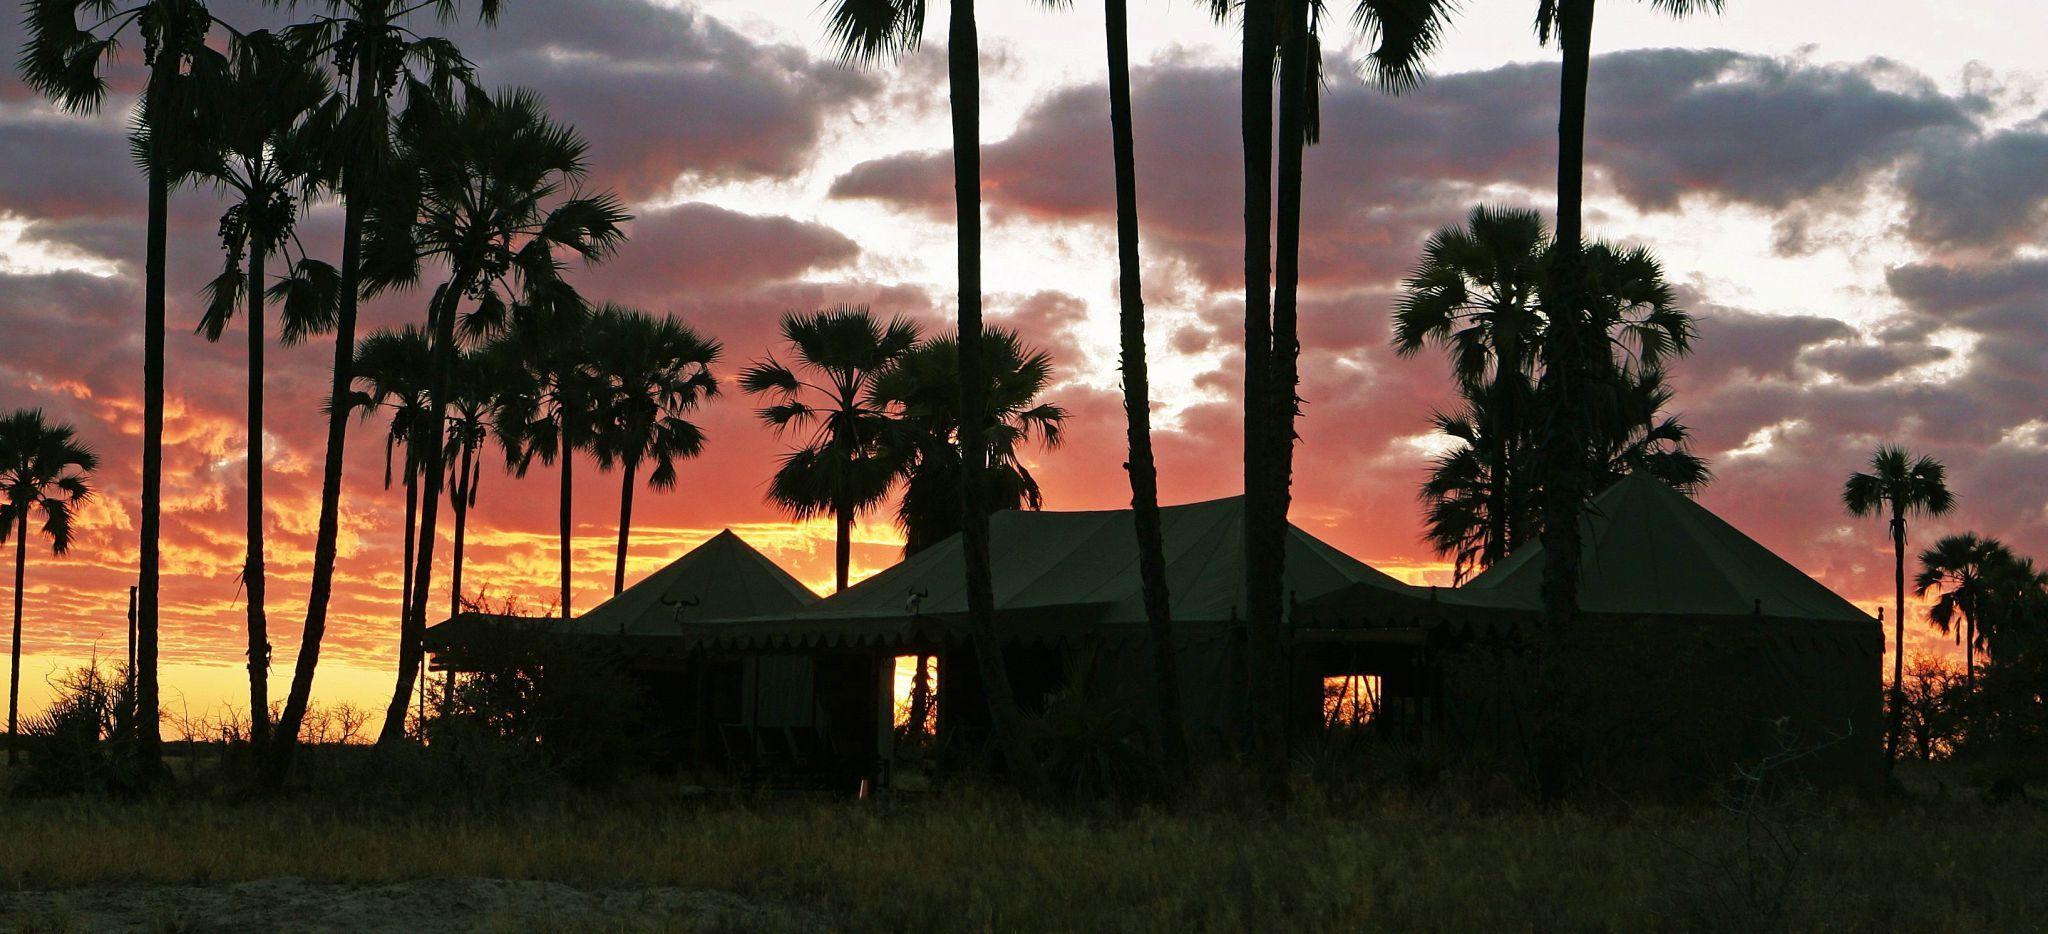 """Sonnenuntergang hinter Palmen und Gebäuden des """"Jack's Camp"""" in Botswana"""